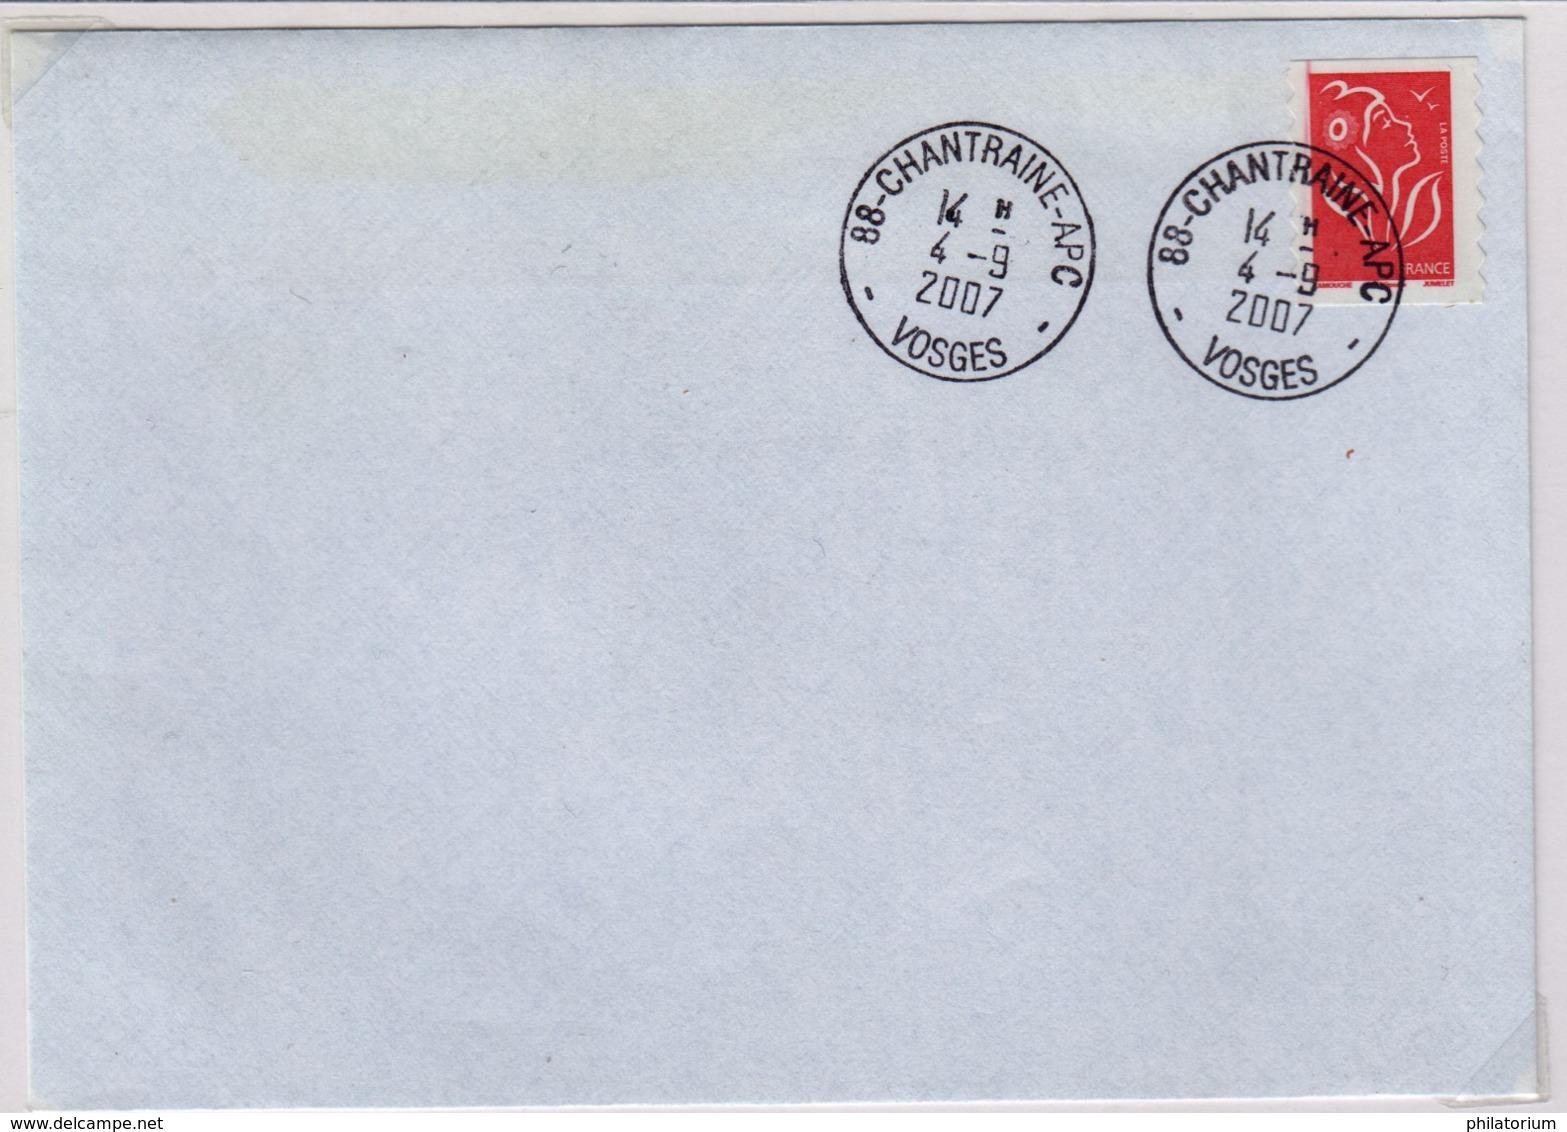 CHANTRAINE - APC (Vosges) 4 Septembre 2007 Agence Postale Communale - Marcophilie (Lettres)